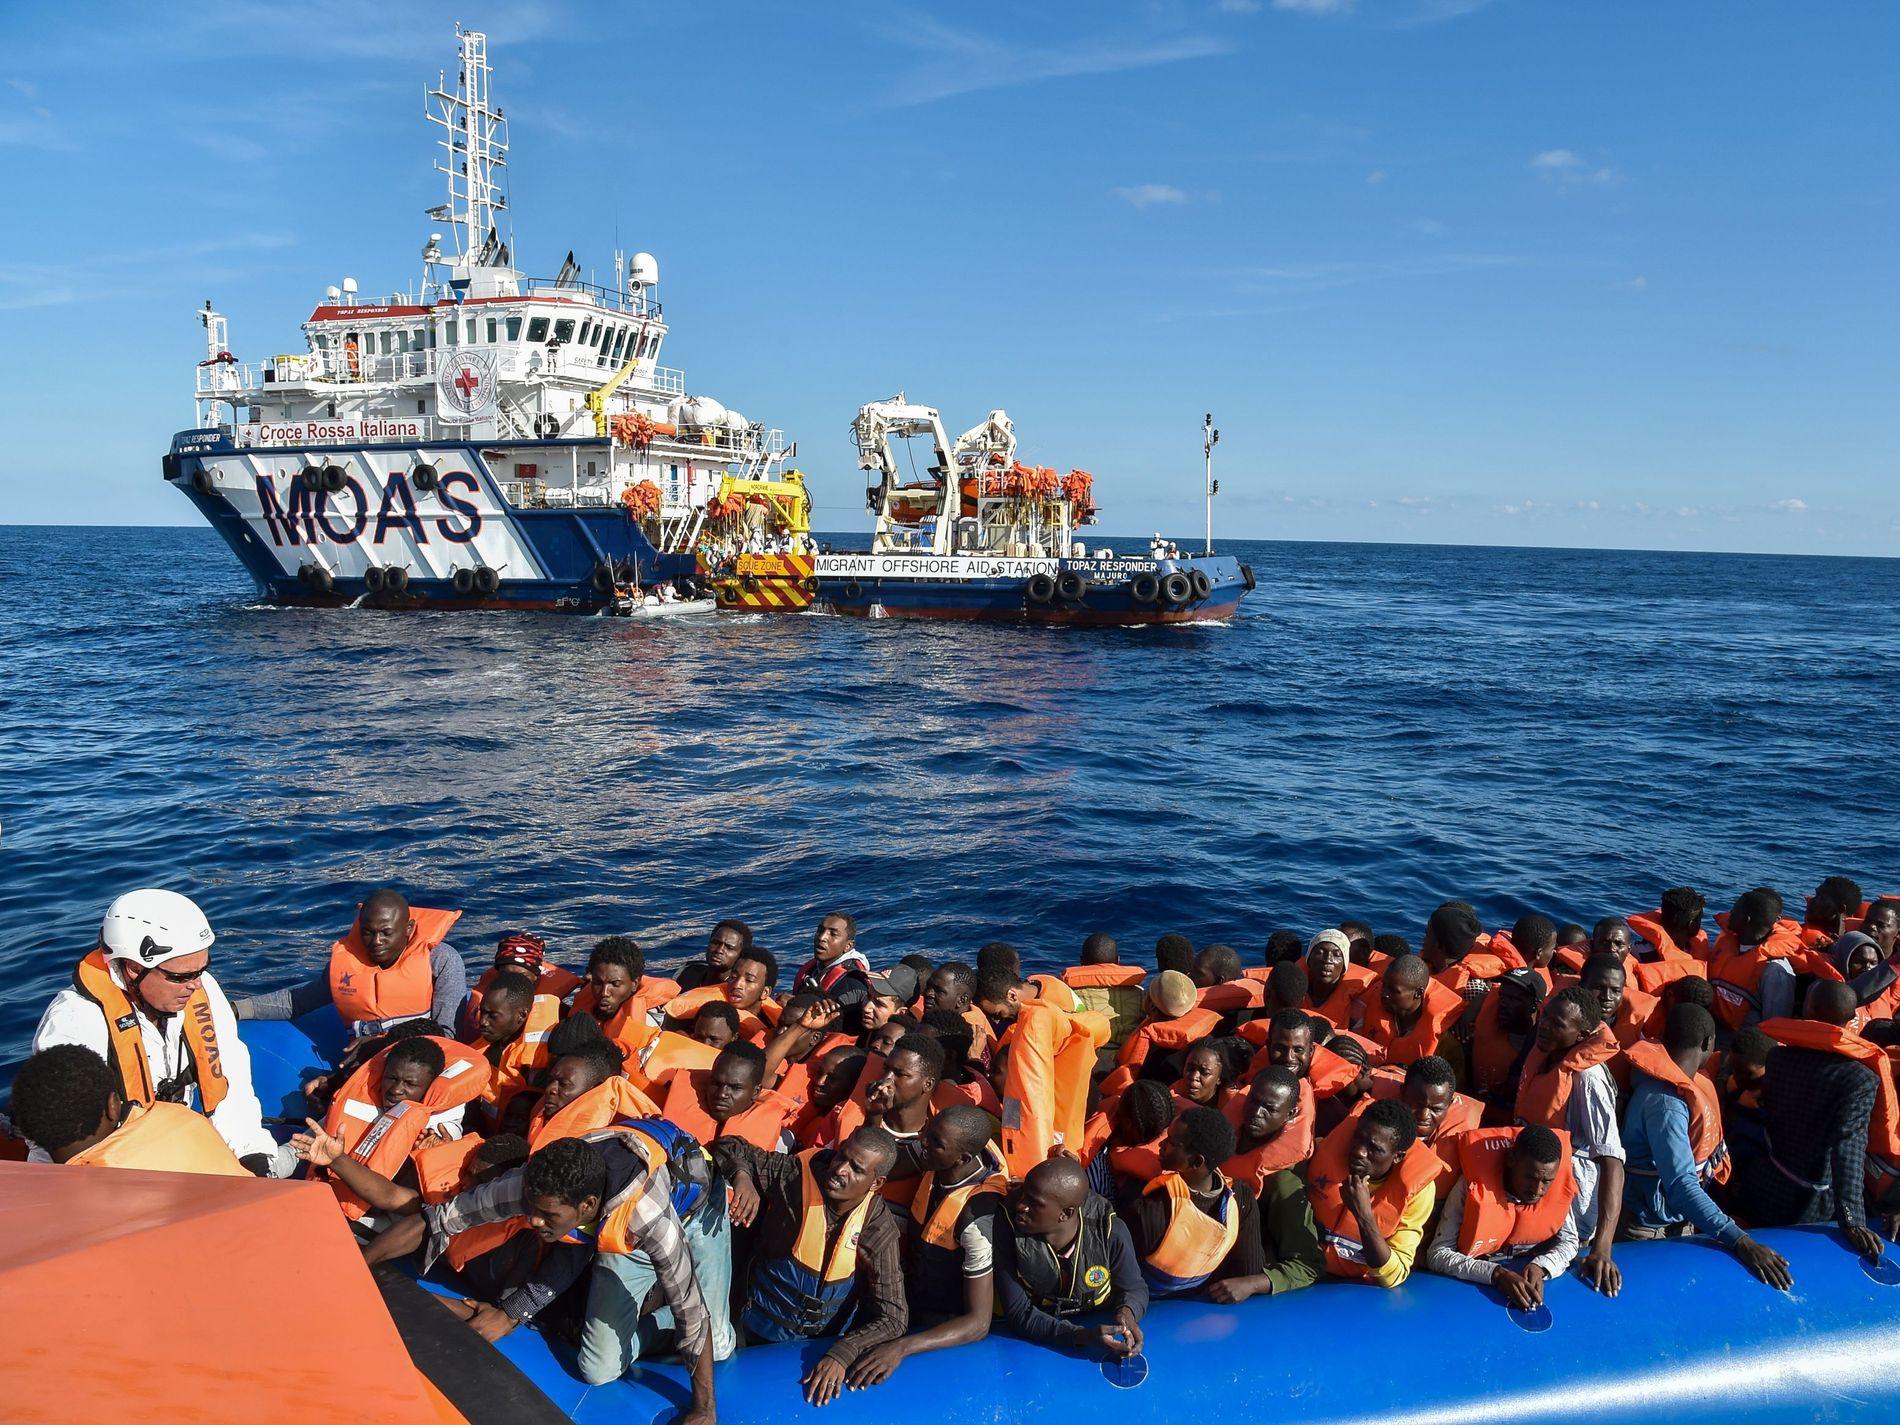 I SISTE ØYEBLIKK: Kystvakten til Libya avventer situasjonen mens flyktninger i en overfylt gummibåt venter på å bli reddet av et skip fra italienske Røde Kors. Foto: AFP